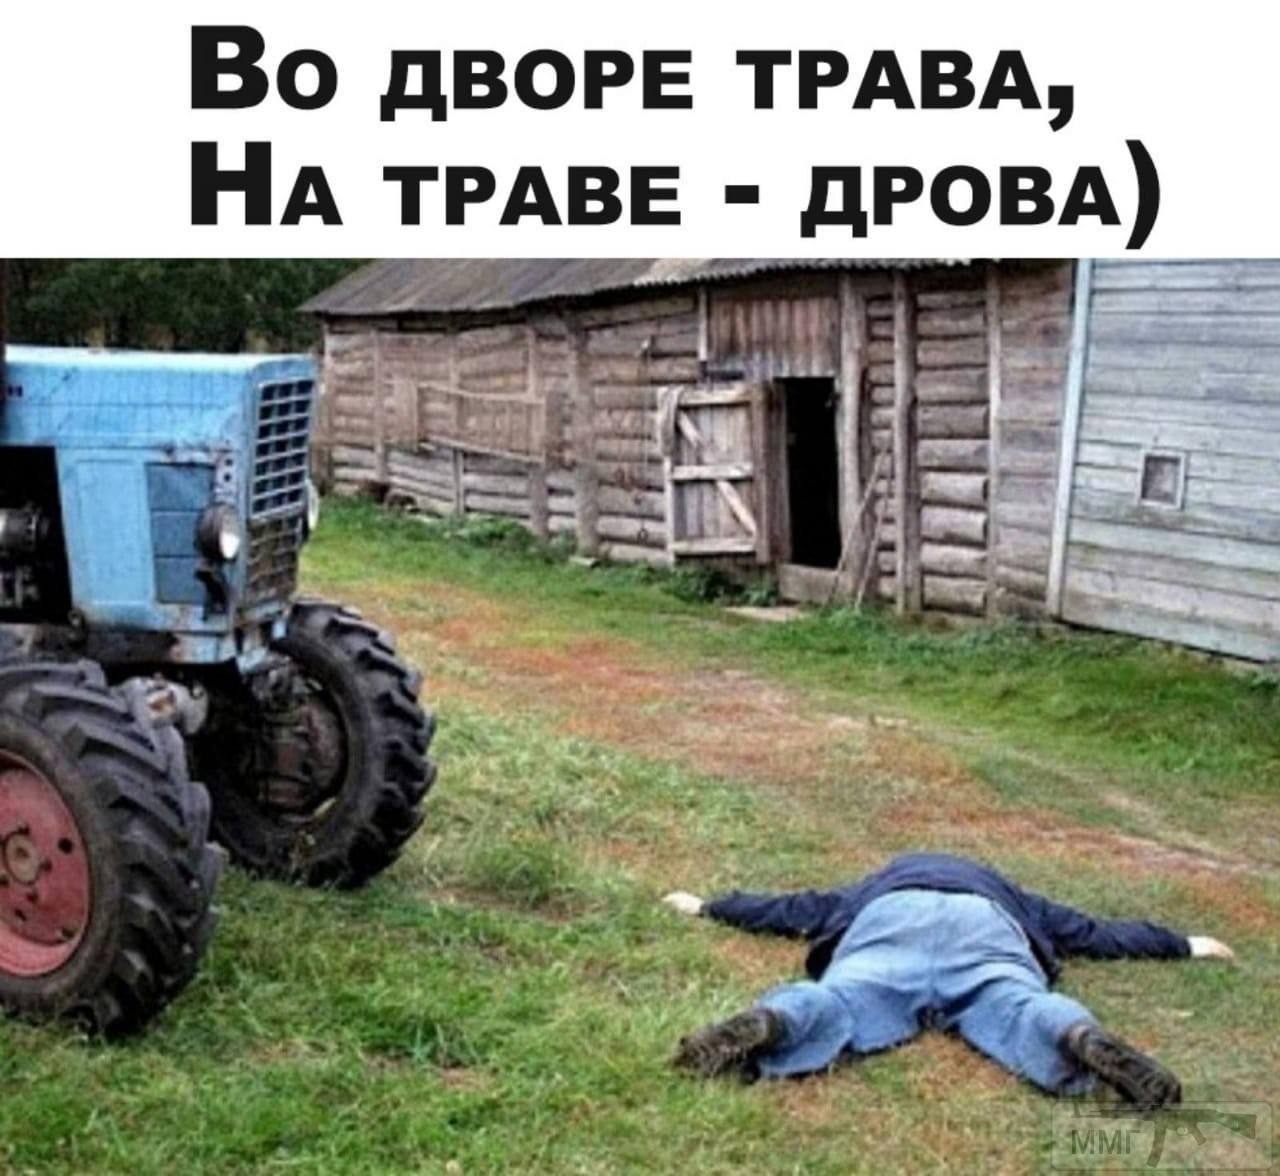 99634 - Пить или не пить? - пятничная алкогольная тема )))